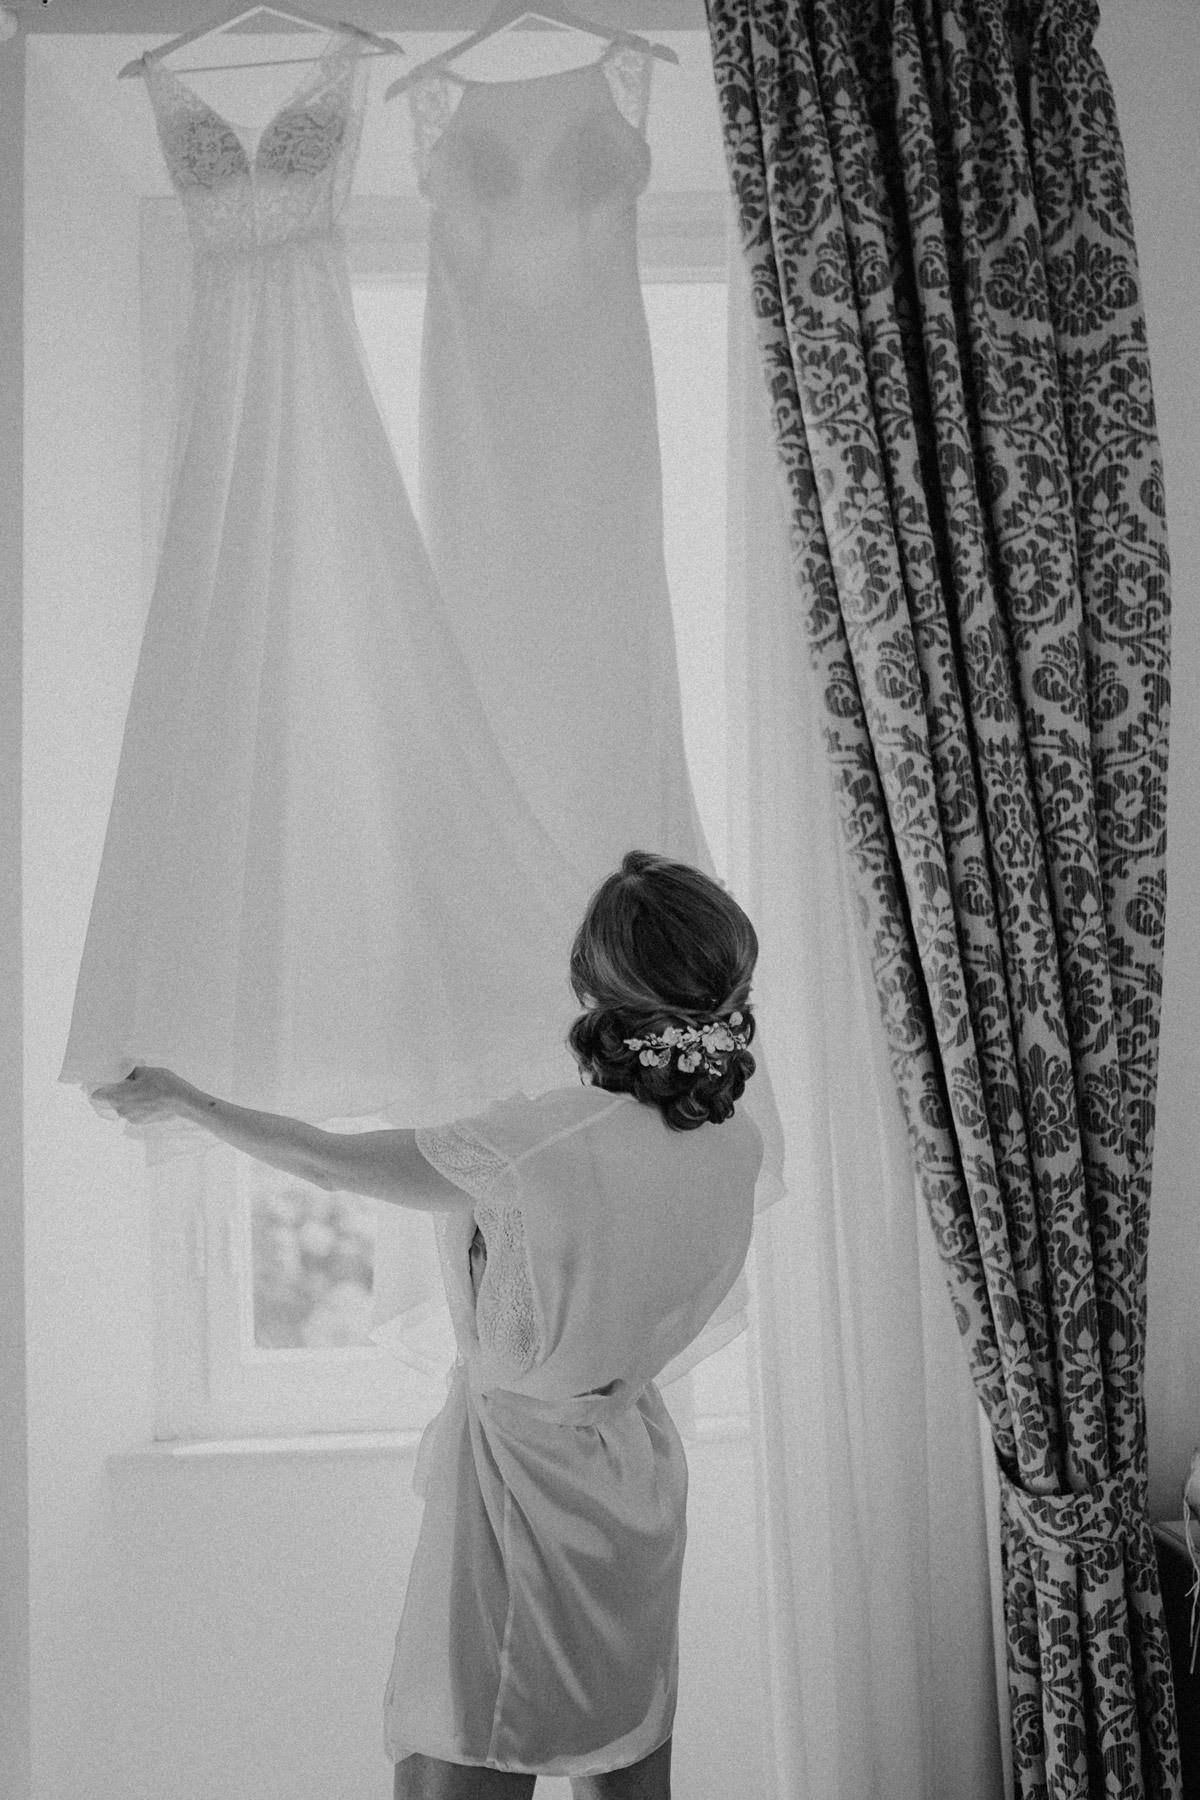 Braut Boudoir Fotoshooting von Braut sinnlich mit Hochsteckfrisur und Blütenkamm im Morgenmantel kurz vor Ankleiden vintage Hochzeitskleid und zweites Brautkleid für Hochzeitsfeier beauty real bride #hochzeitslicht © www.hochzeitslicht.de #brautfrisur